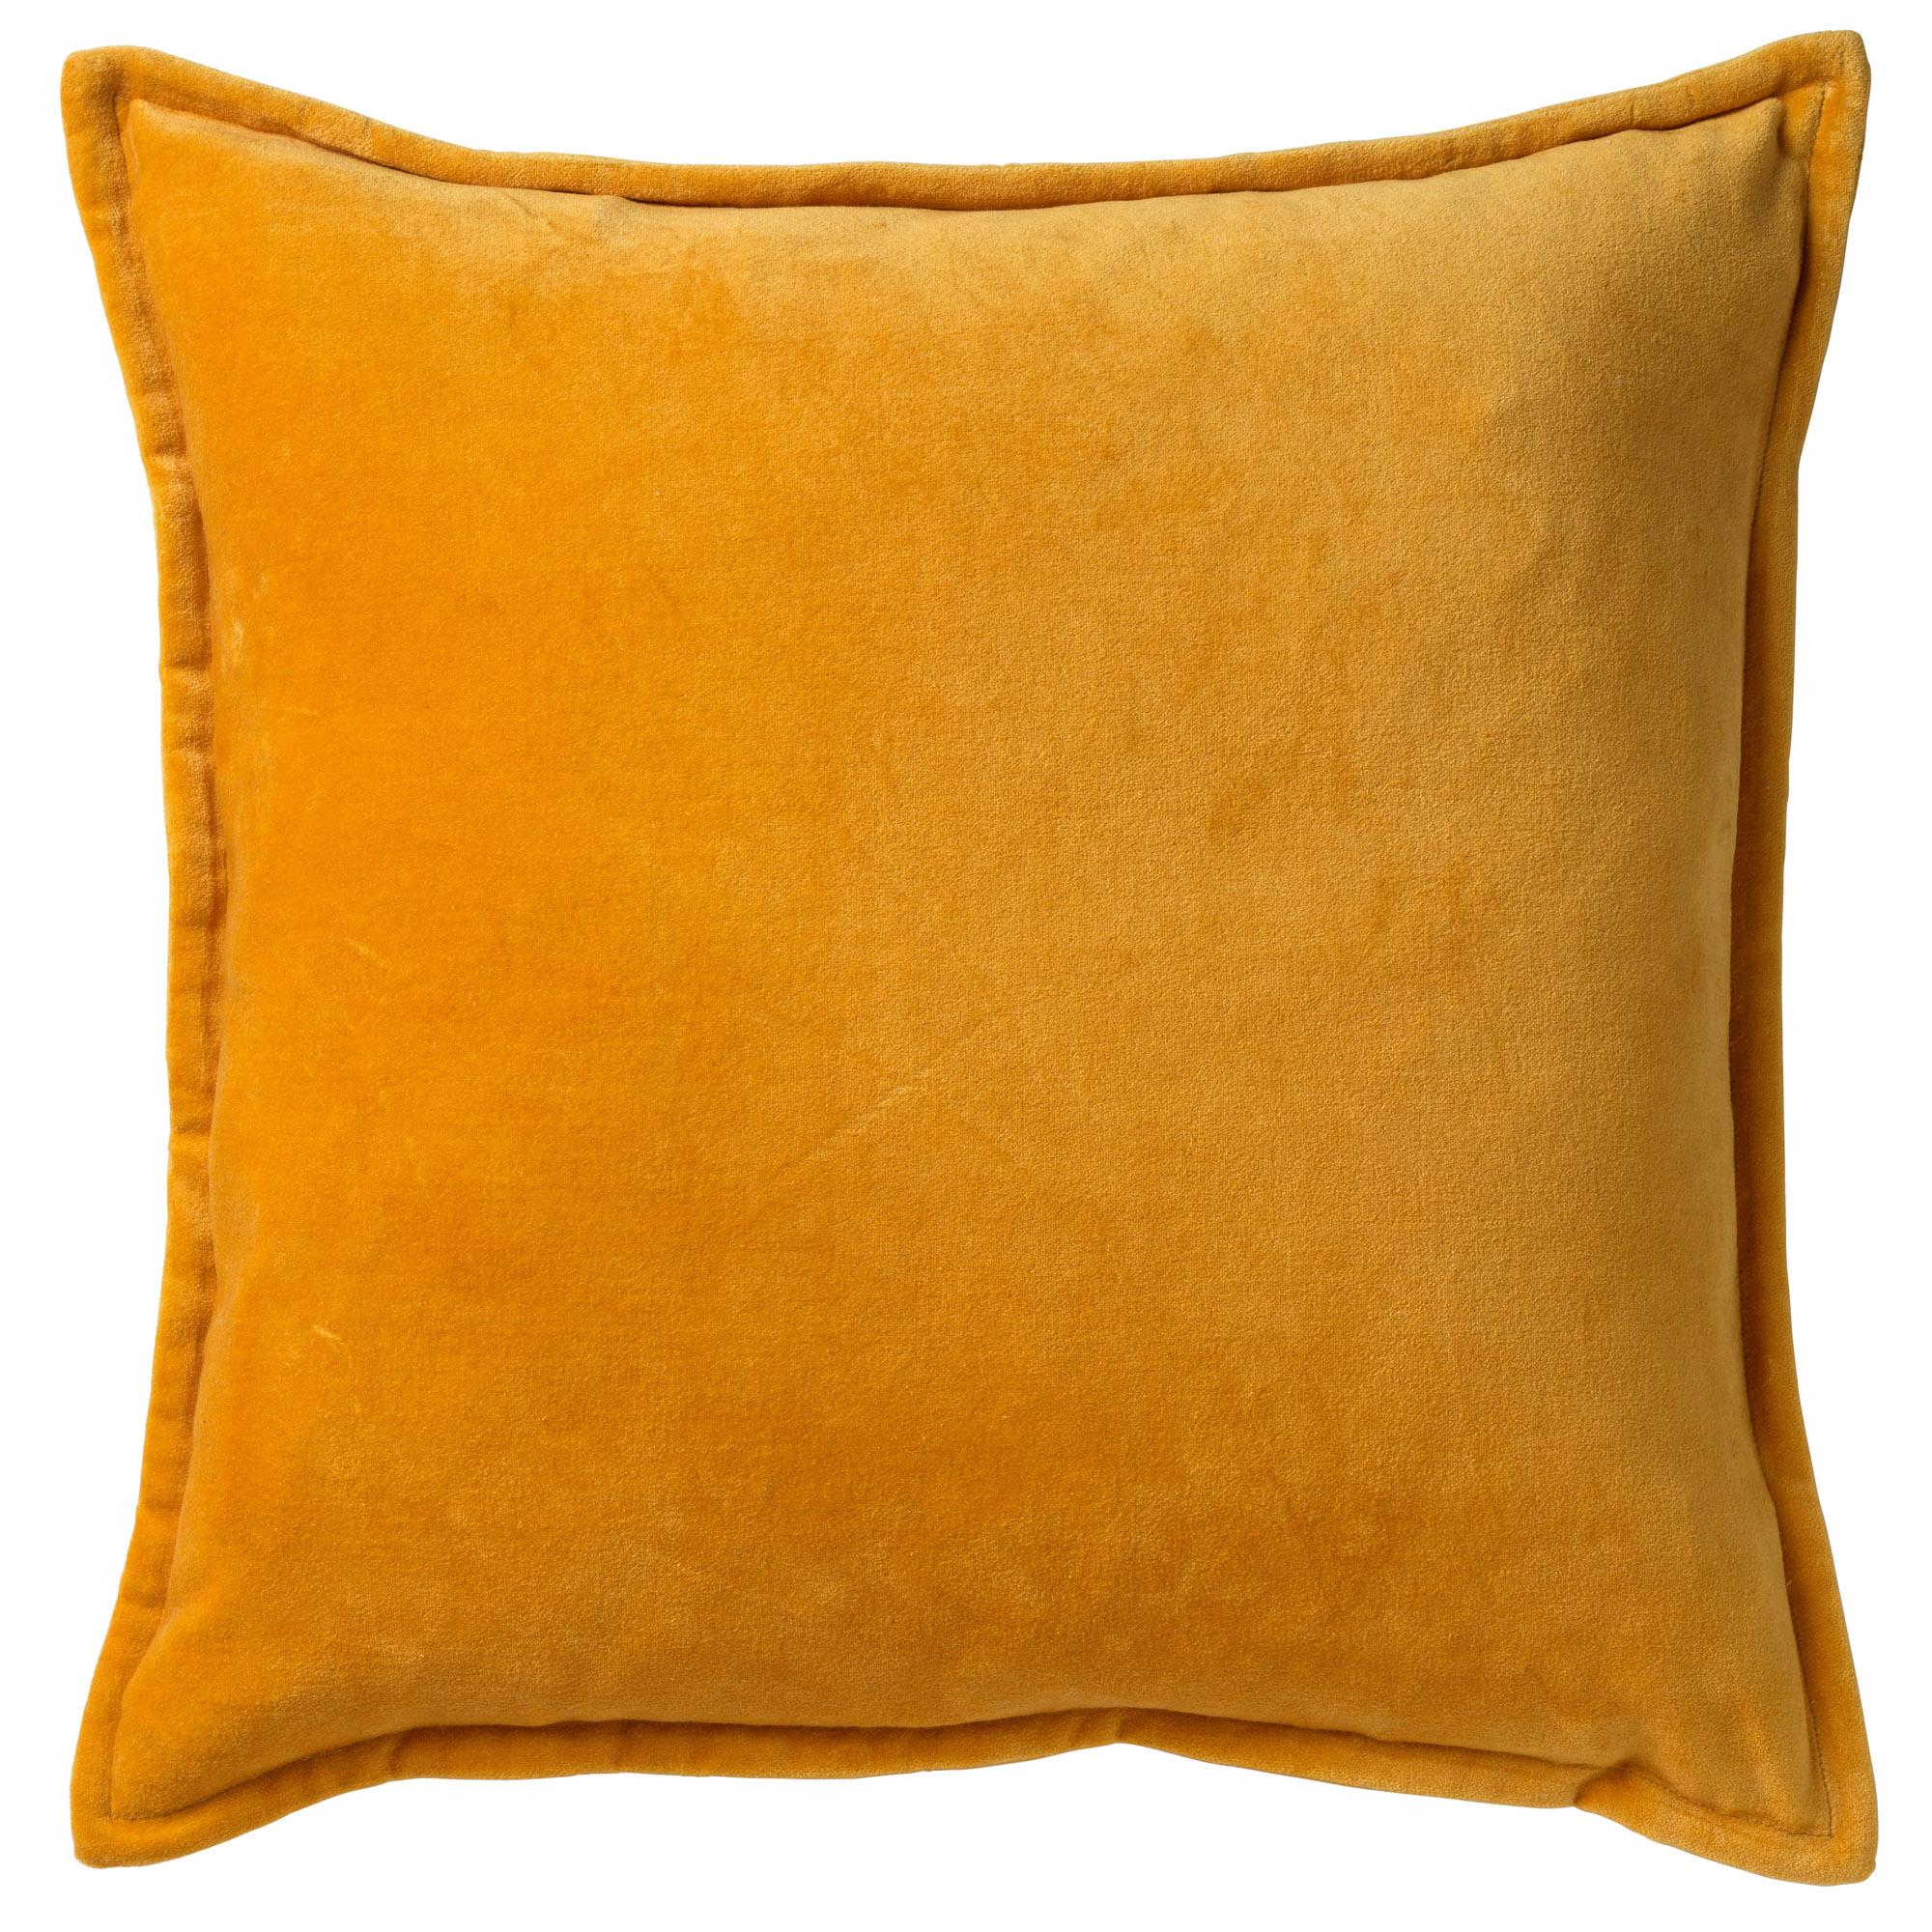 CAITH - Sierkussen velvet Golden Glow 50x50 cm